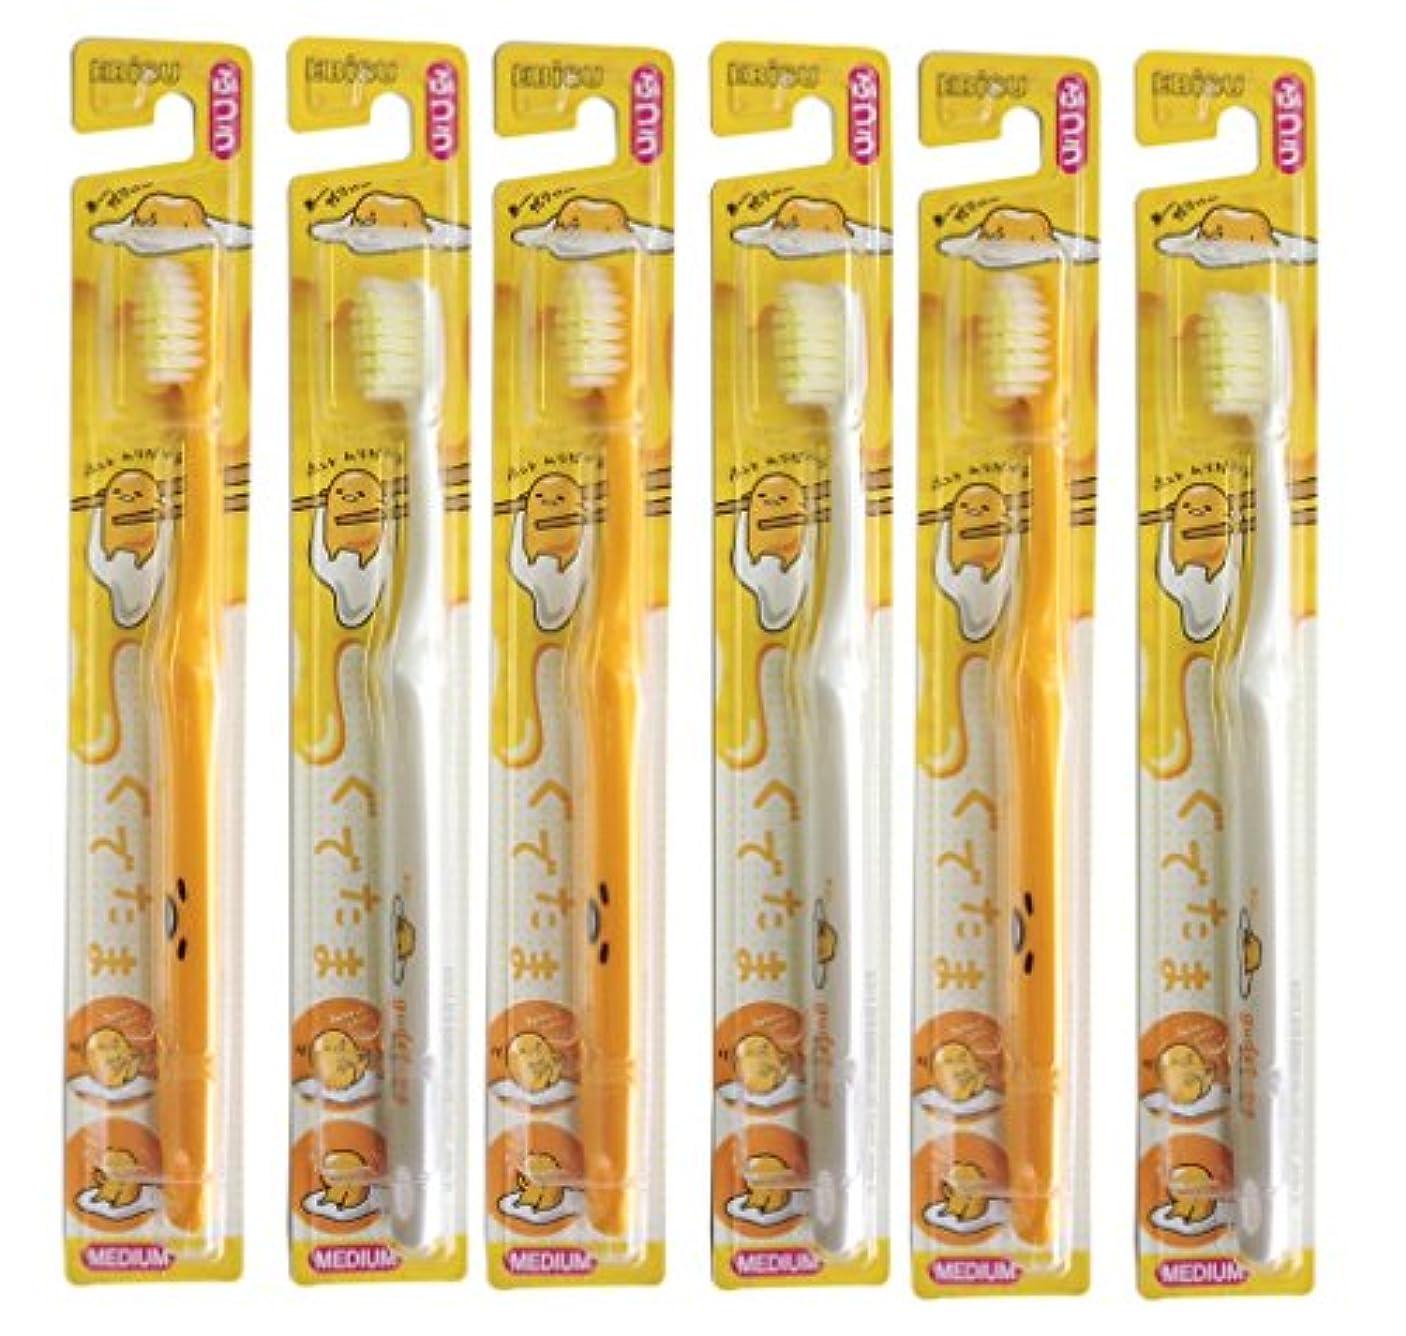 ロケーションセンチメートル落胆するエビス 歯ブラシ キャラコレ ぐでたま ハブラシ 6本組